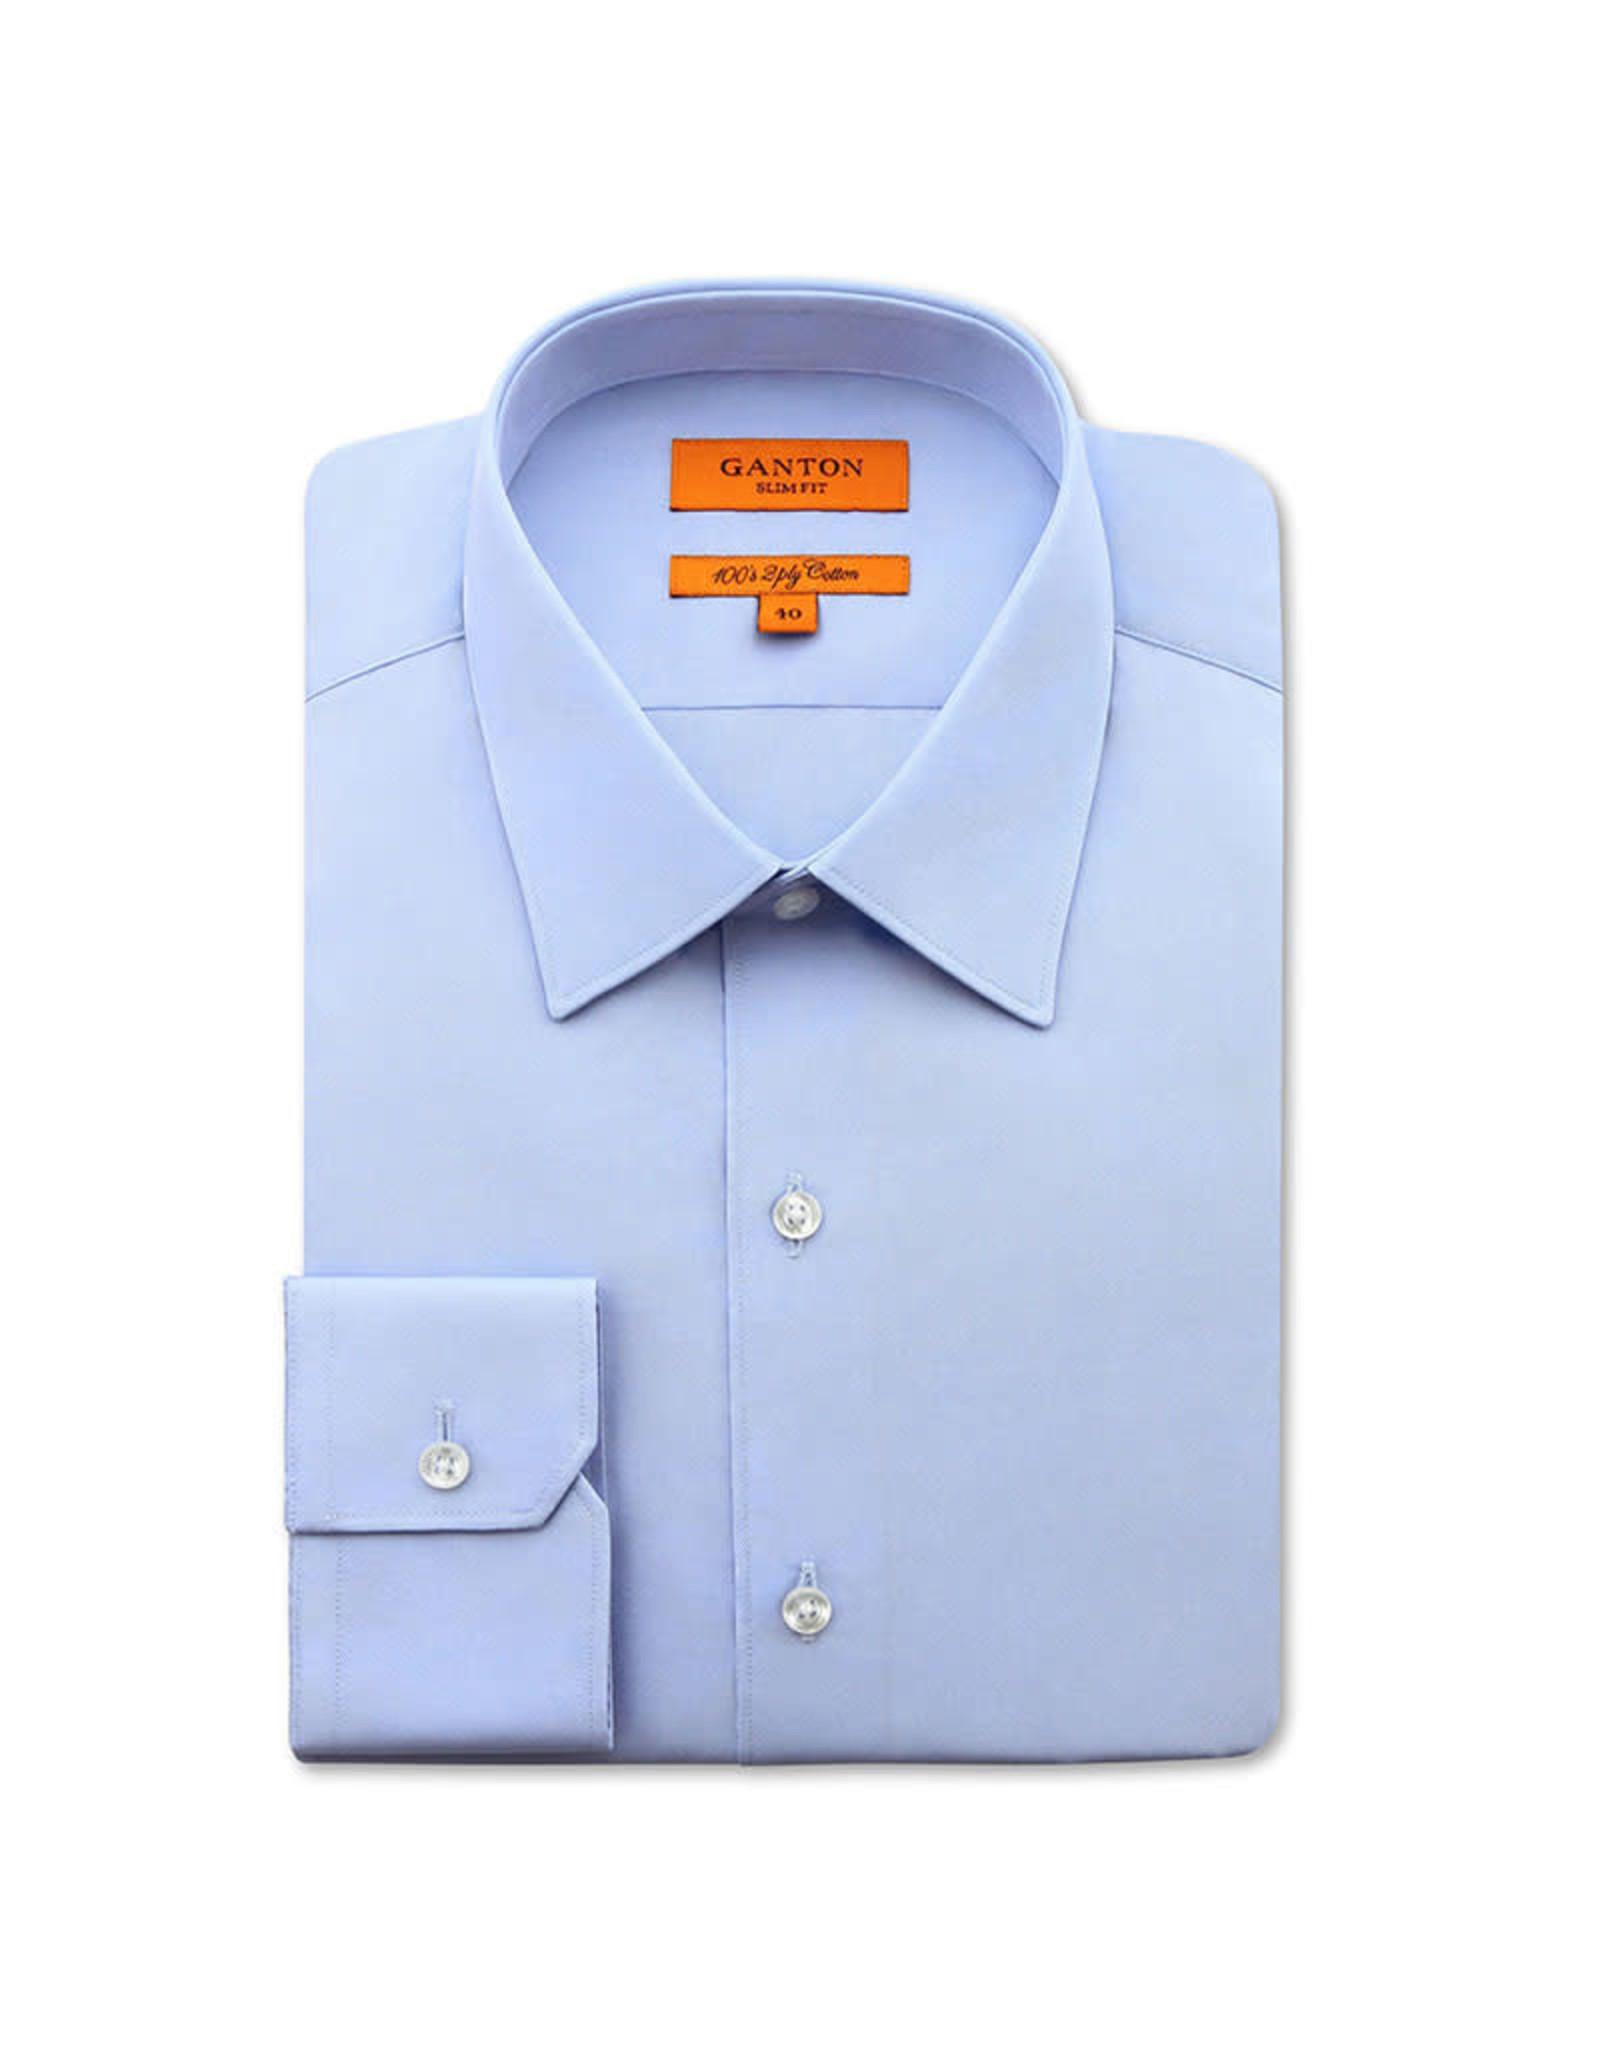 Ganton Slim Stretch Business Shirt | Blue Sky